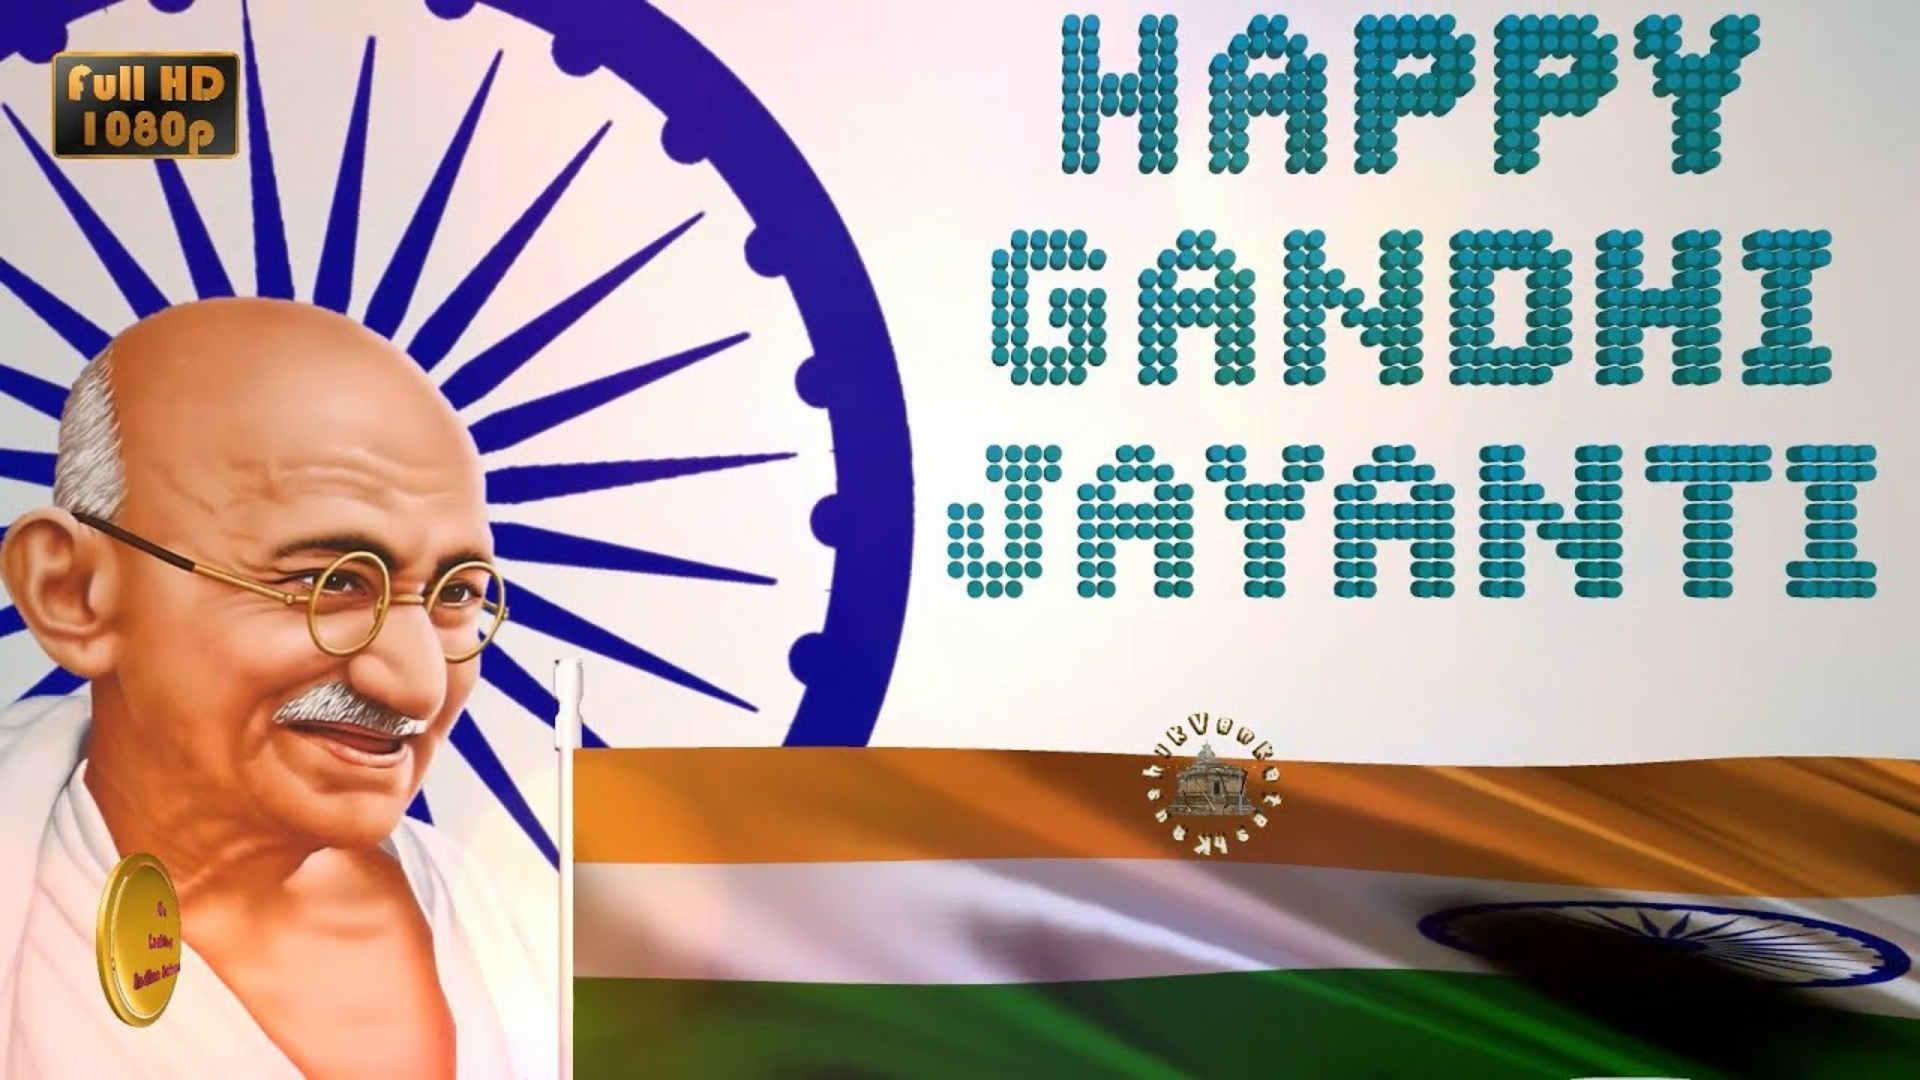 Gandhi Jayanti Wishes Image HD 1080p